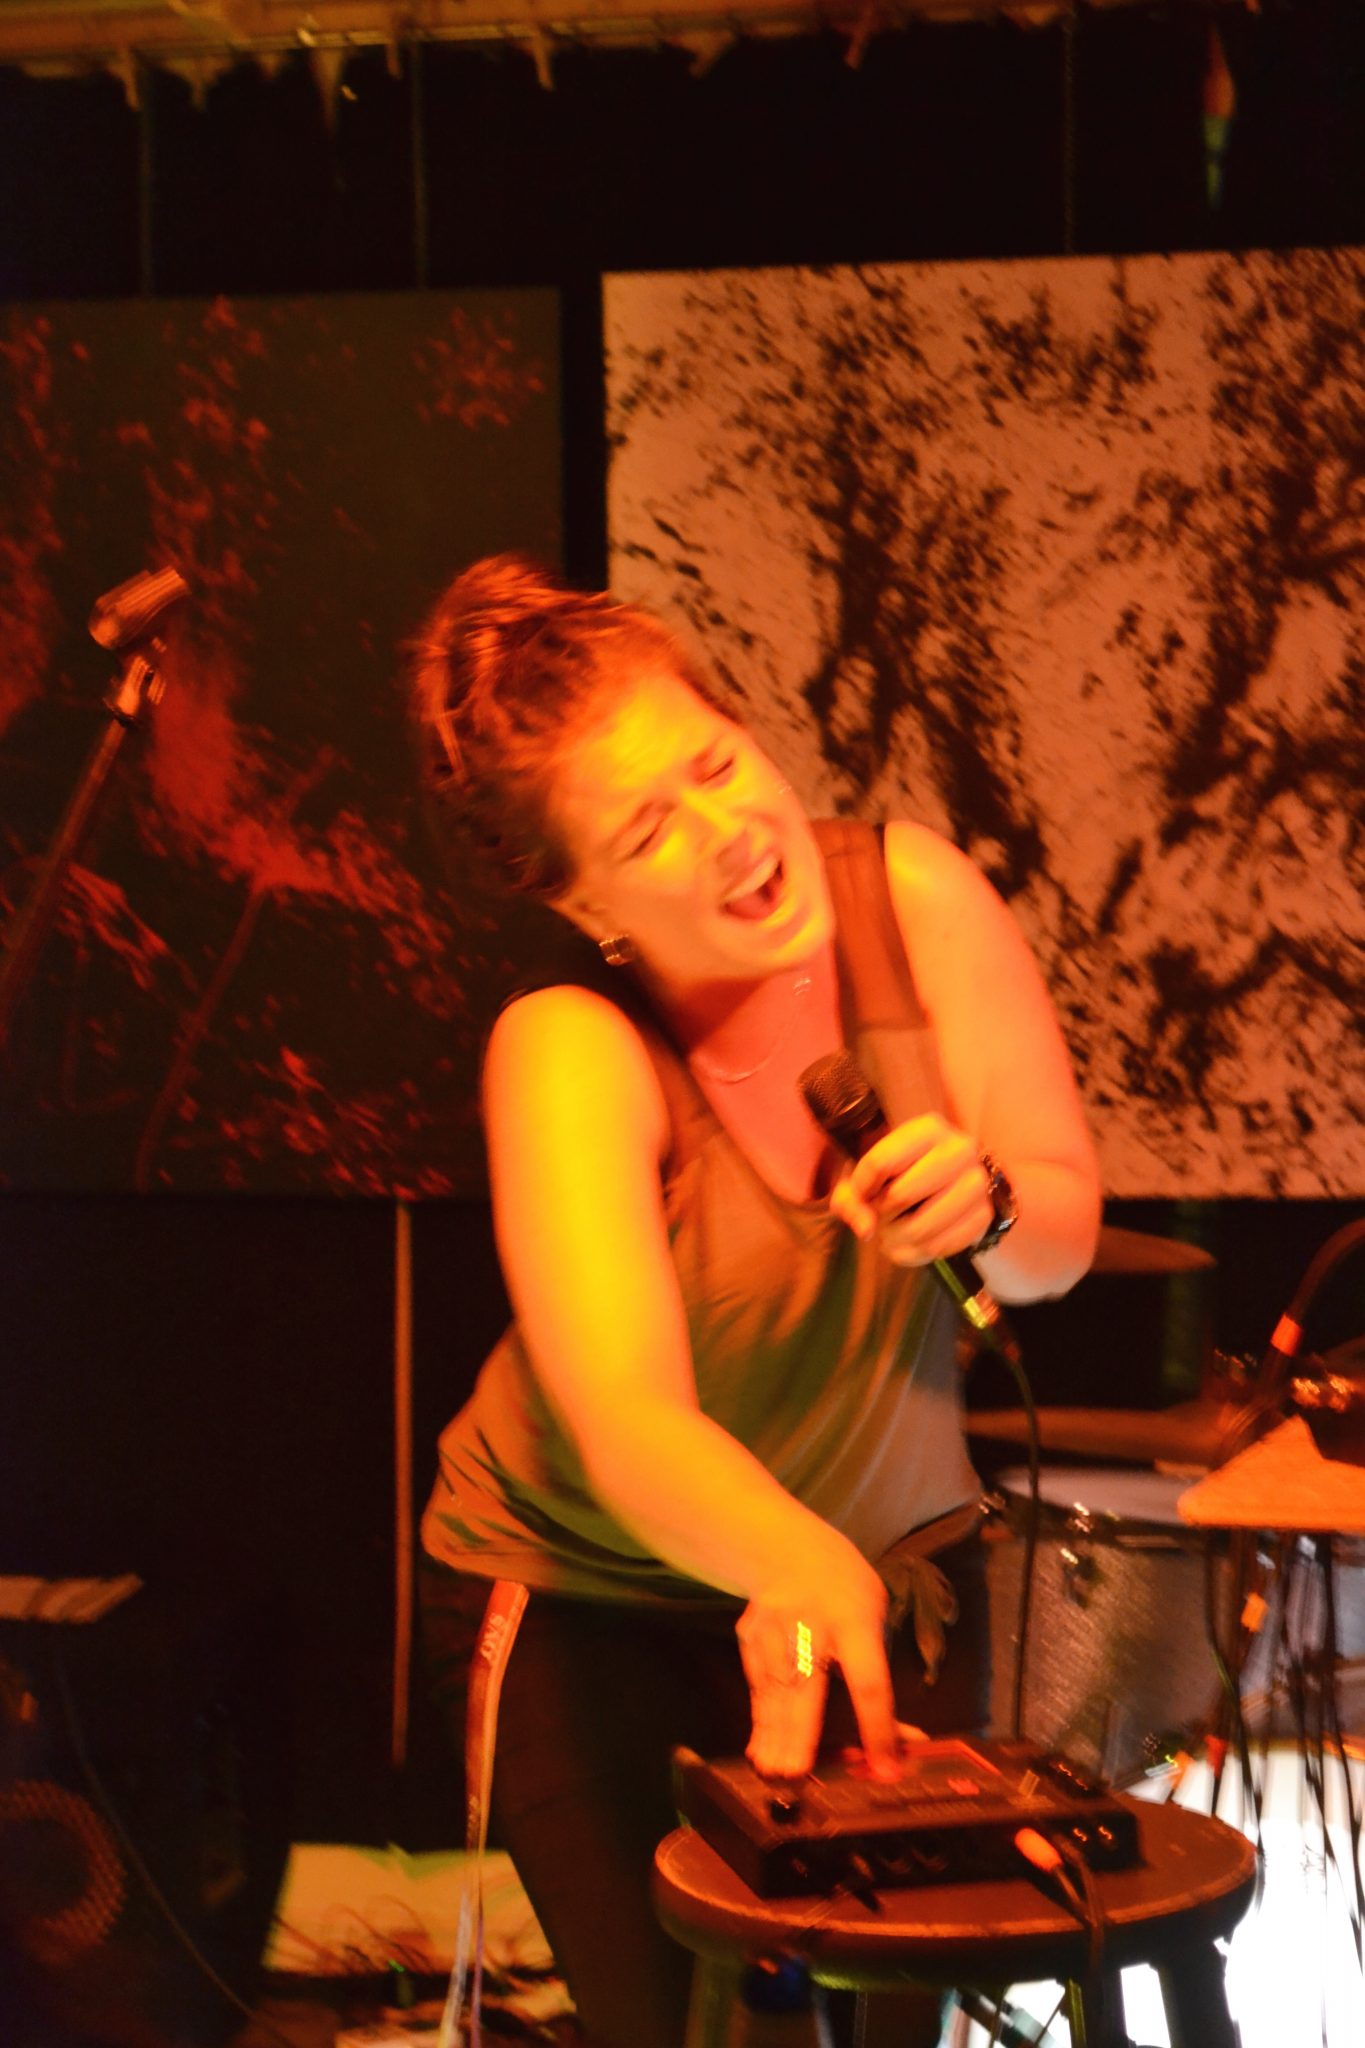 La chanteuse Élise Rivard est également diplômée à la maitrise en orthophonie de l'UQTR. Photo: A. Lemieux